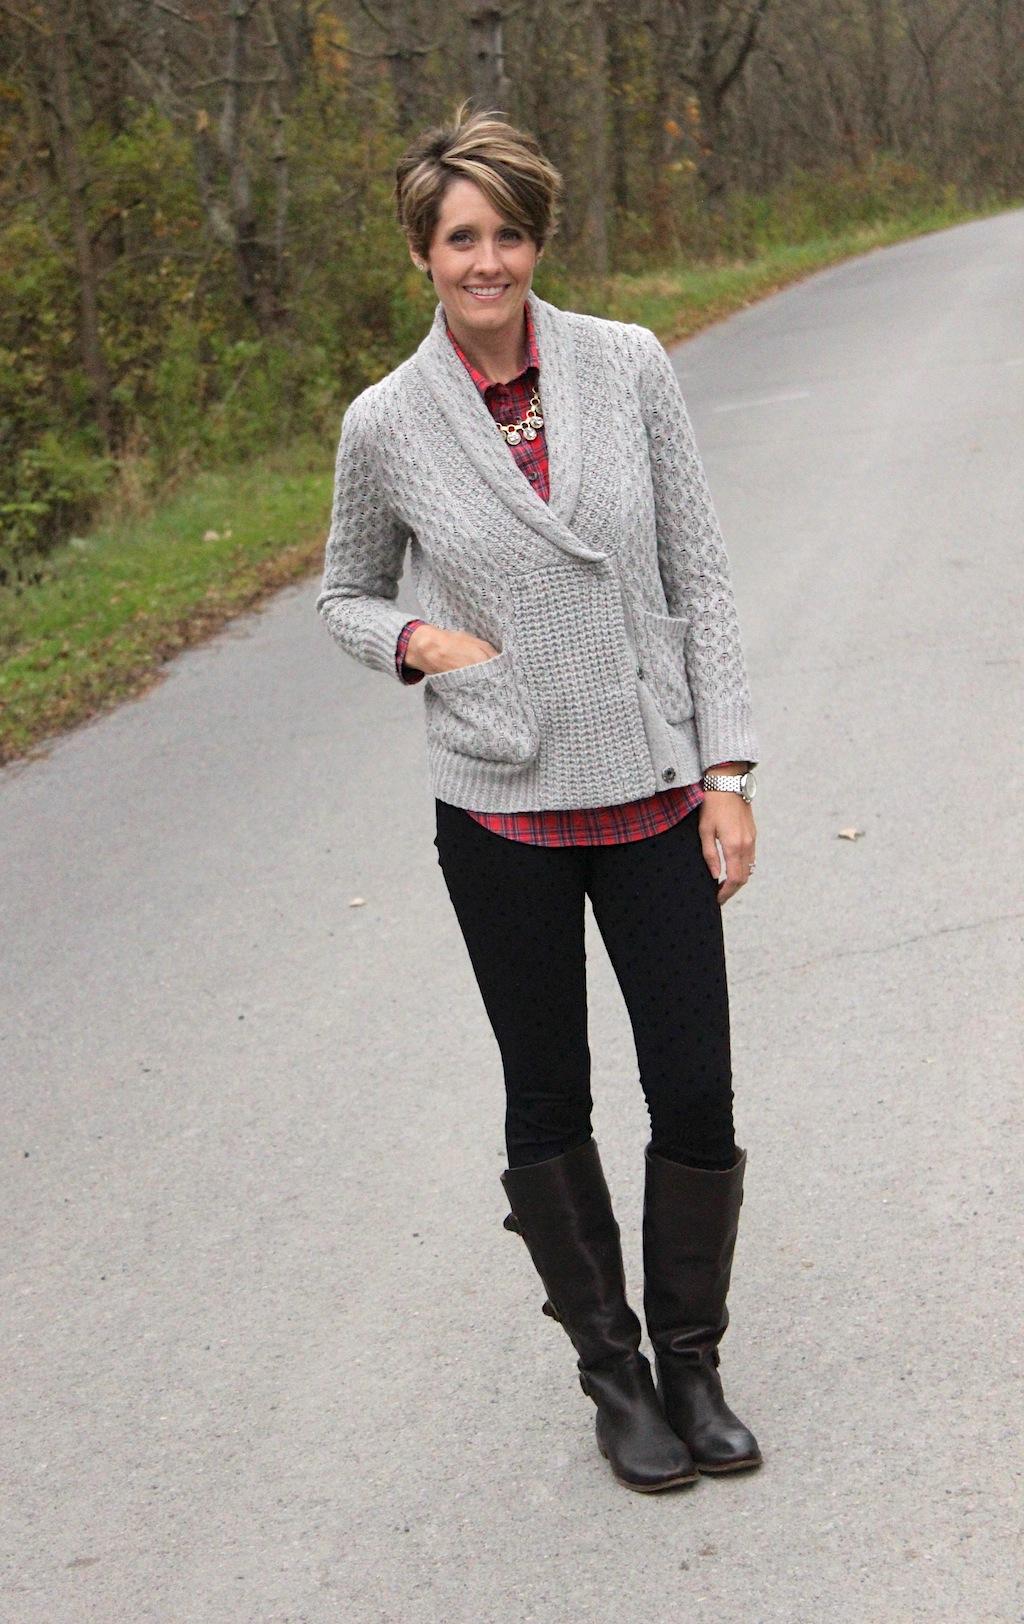 greysweater8